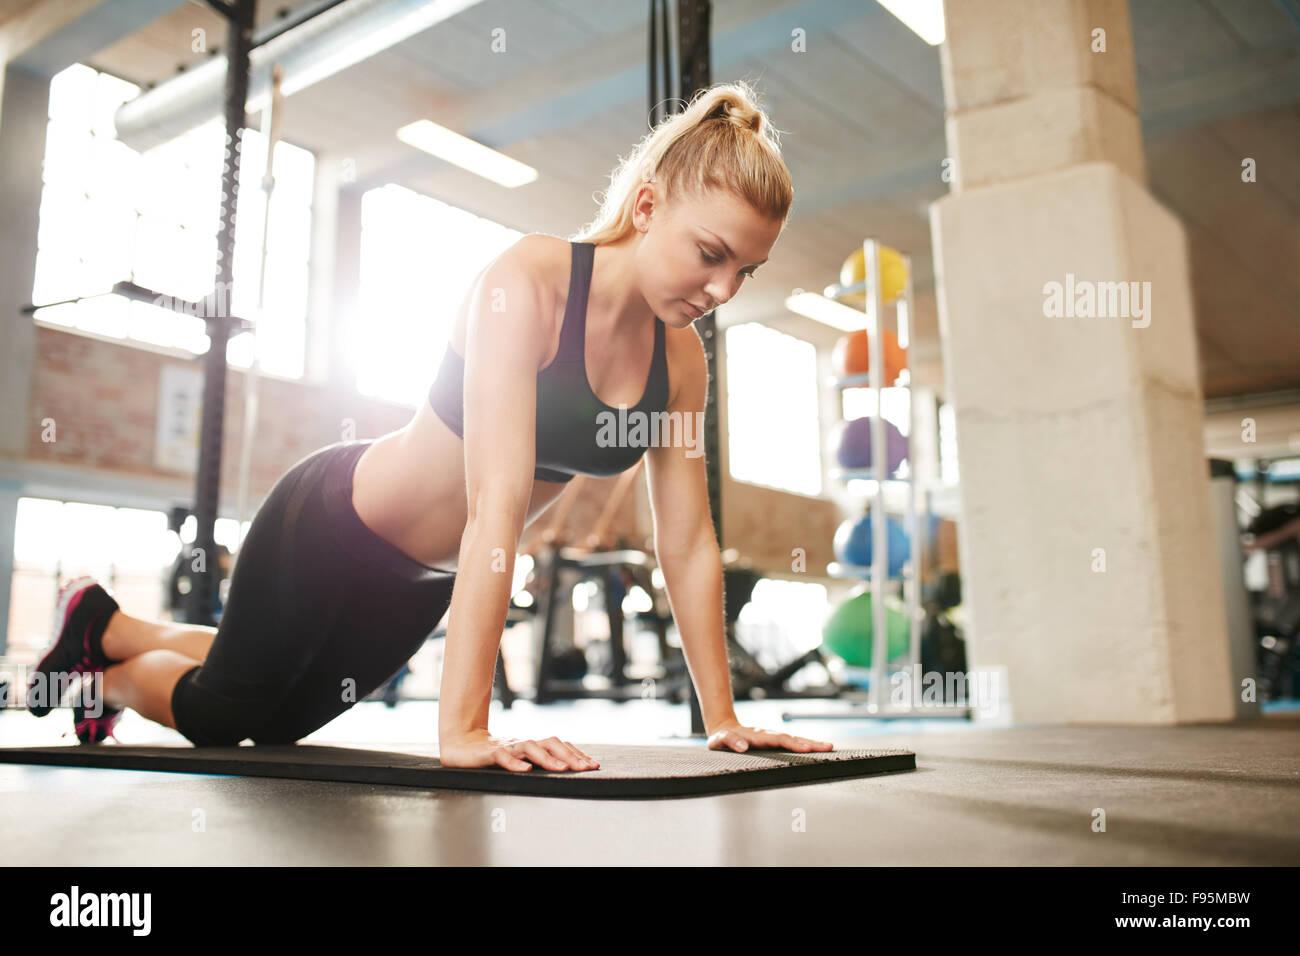 Mujeres jóvenes y atractivas haciendo flexiones sobre la colchoneta de ejercicios. Mujer trabajando de fitness Imagen De Stock